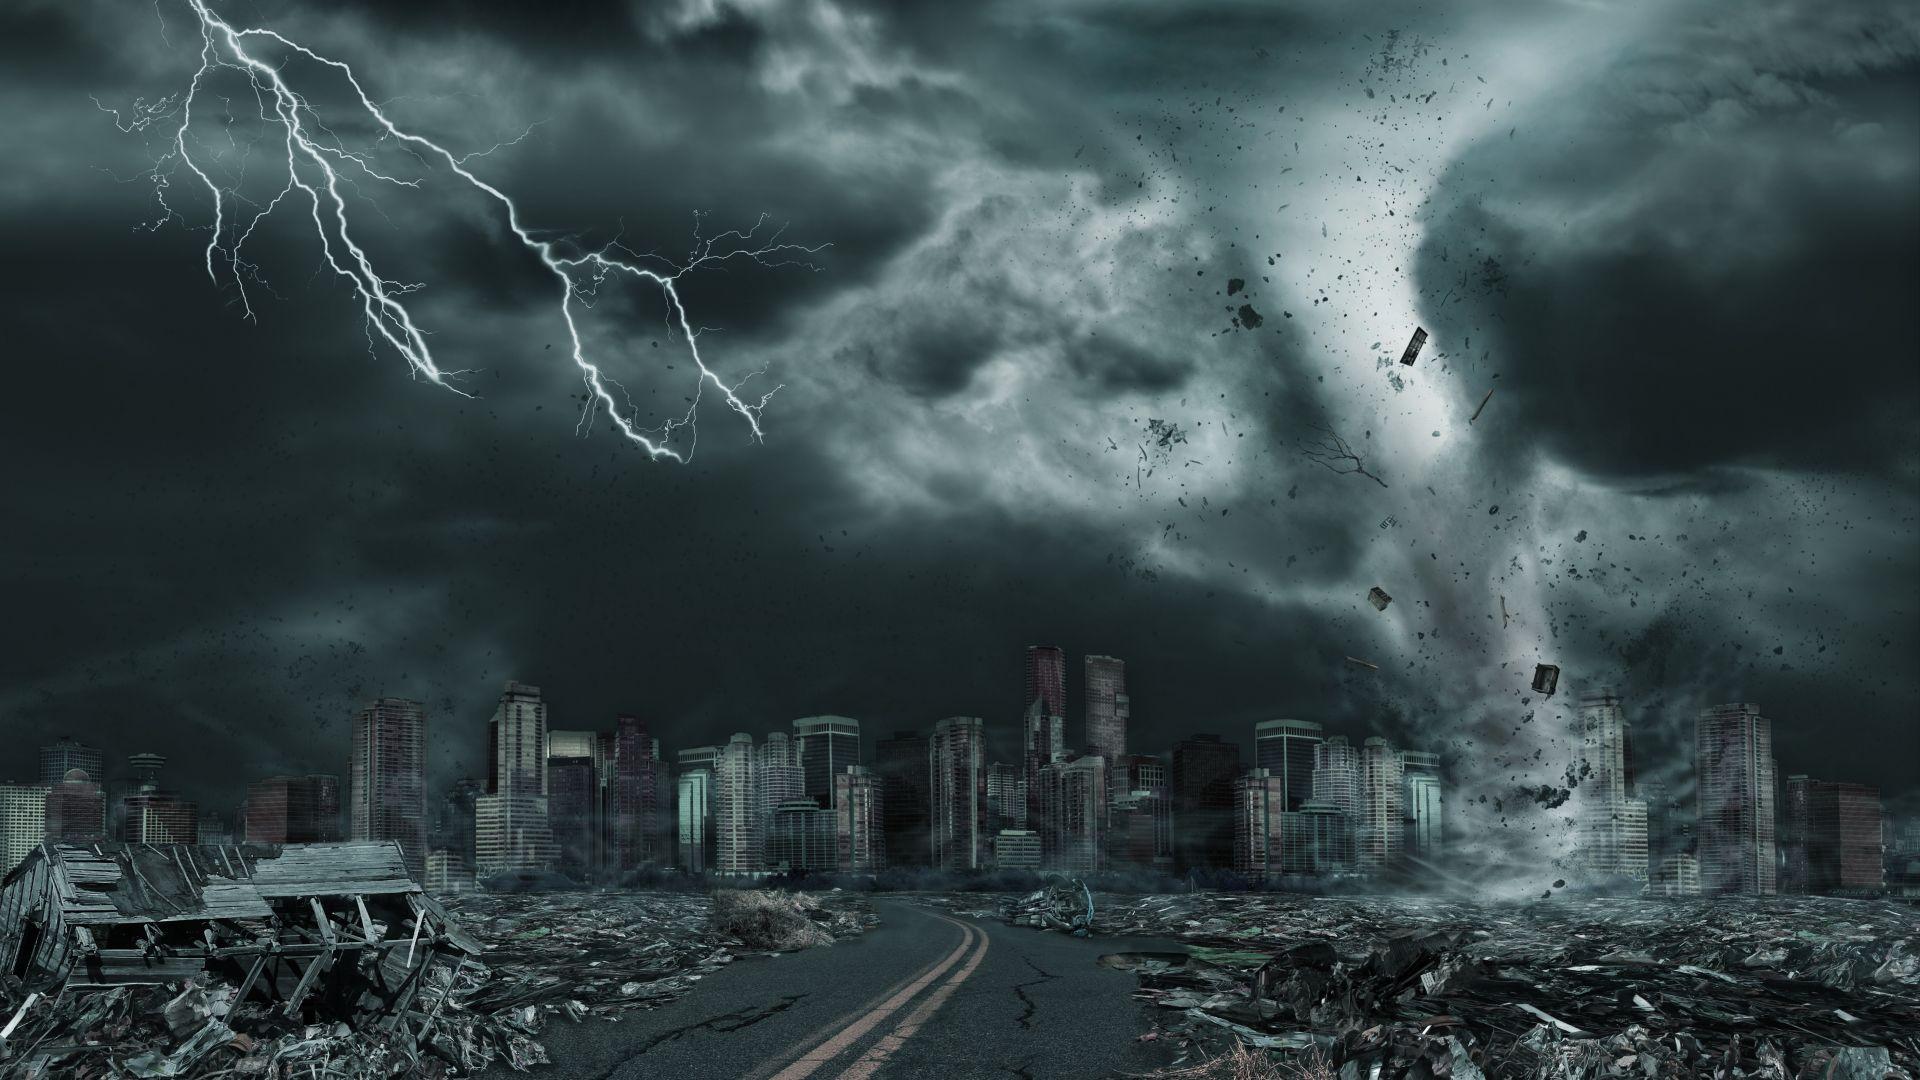 Природните бедствия през 2020 г. са ужасяващи? Ще стане много по-лошо